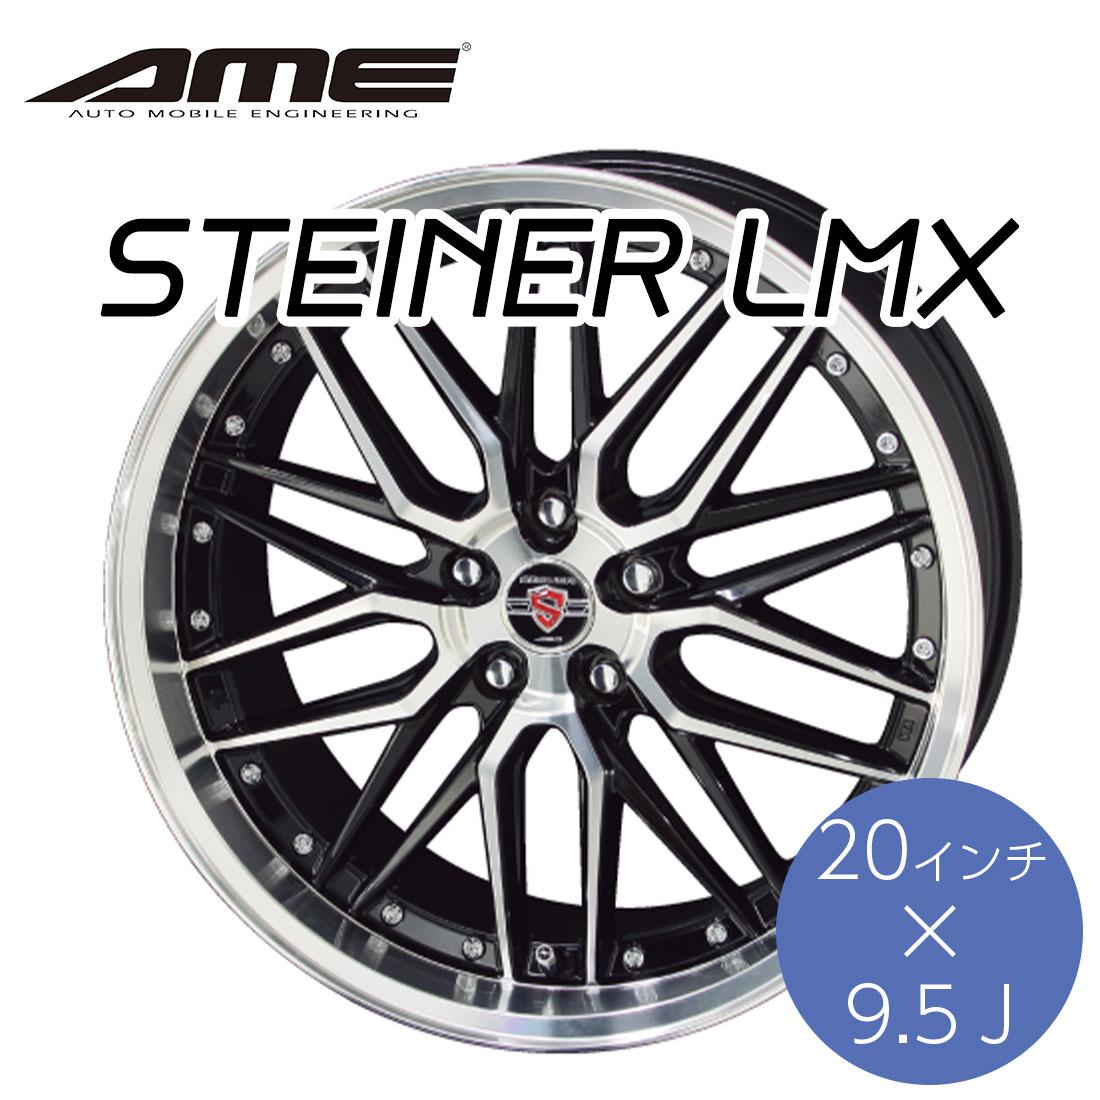 KYOHO ホイール シュタイナーLMX 20×9.5J インチ 5H PCD 114.3 STEINER LMX by AME 共豊 ブラック×ポリッシュ かっこいい 車